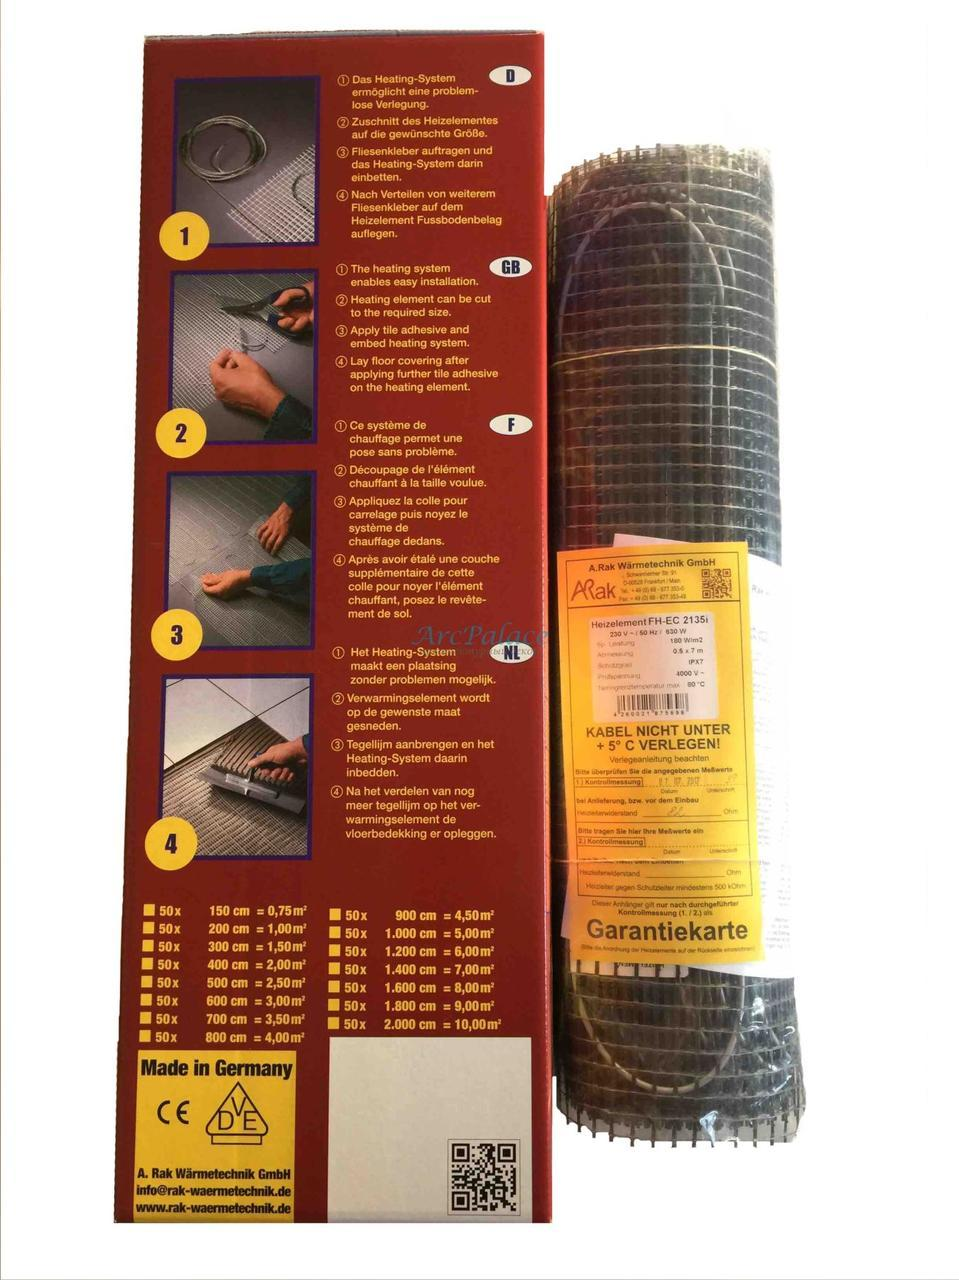 Нагревательный мат Arnold Rak FH-EC 2115 (Германия) 1,5 м.кв. Теплый пол